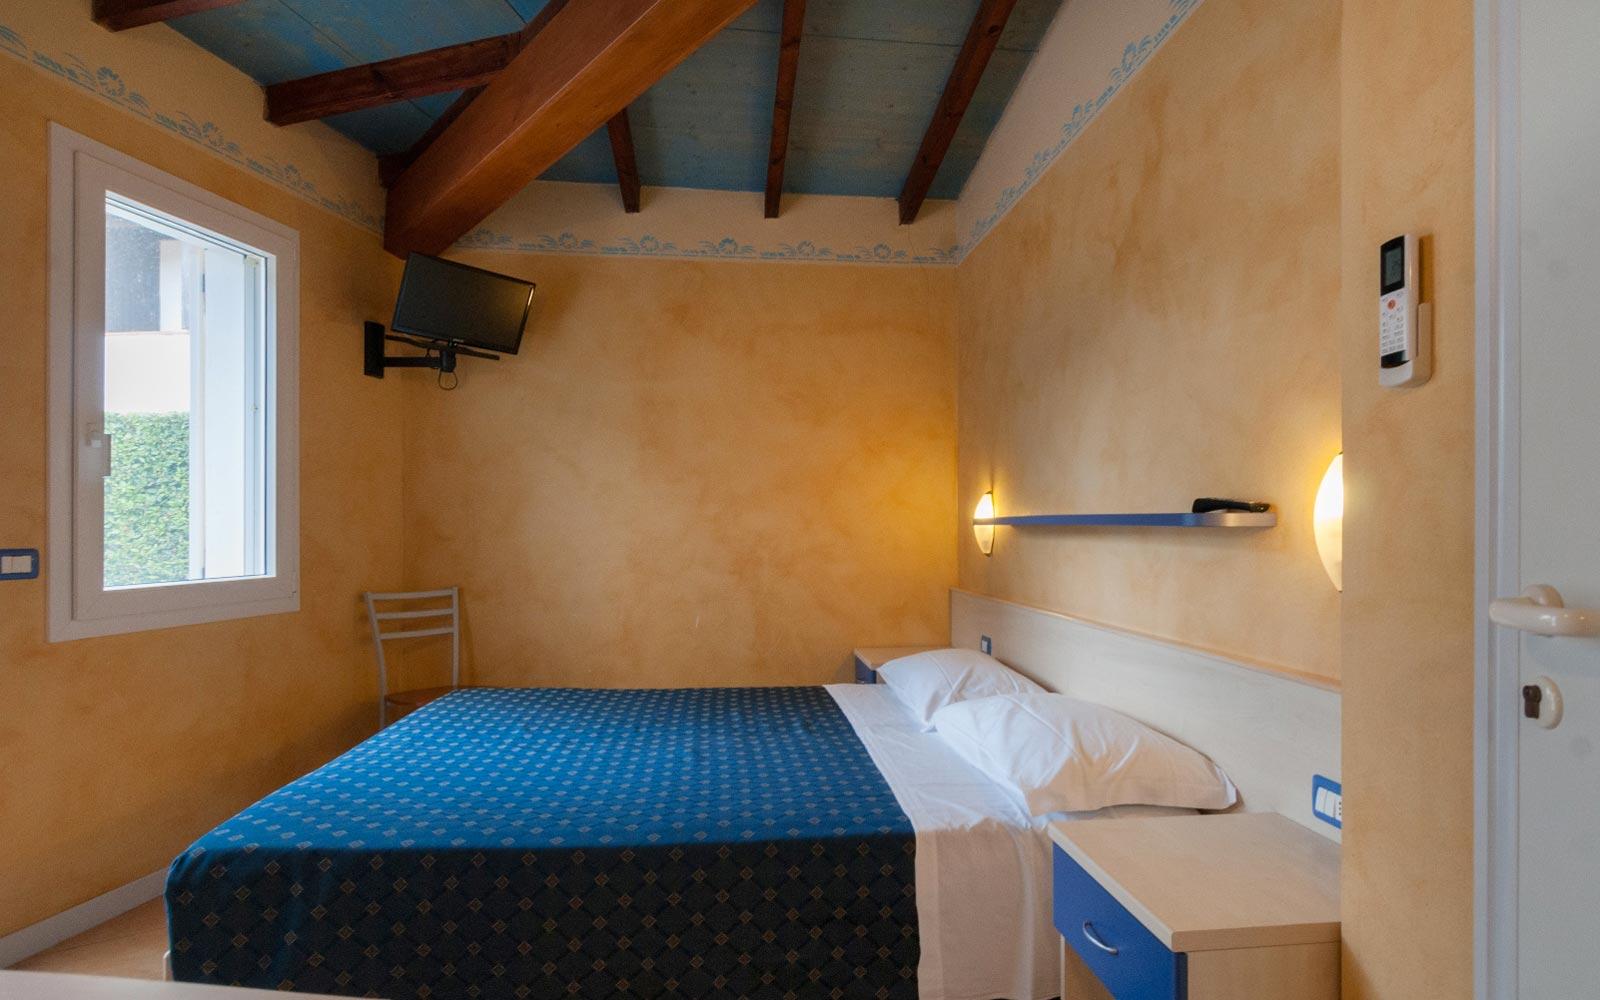 Letto Matrimoniale Emilia Romagna.Camping Lido Delle Nazioni Villaggi Turistici Lido Delle Nazioni